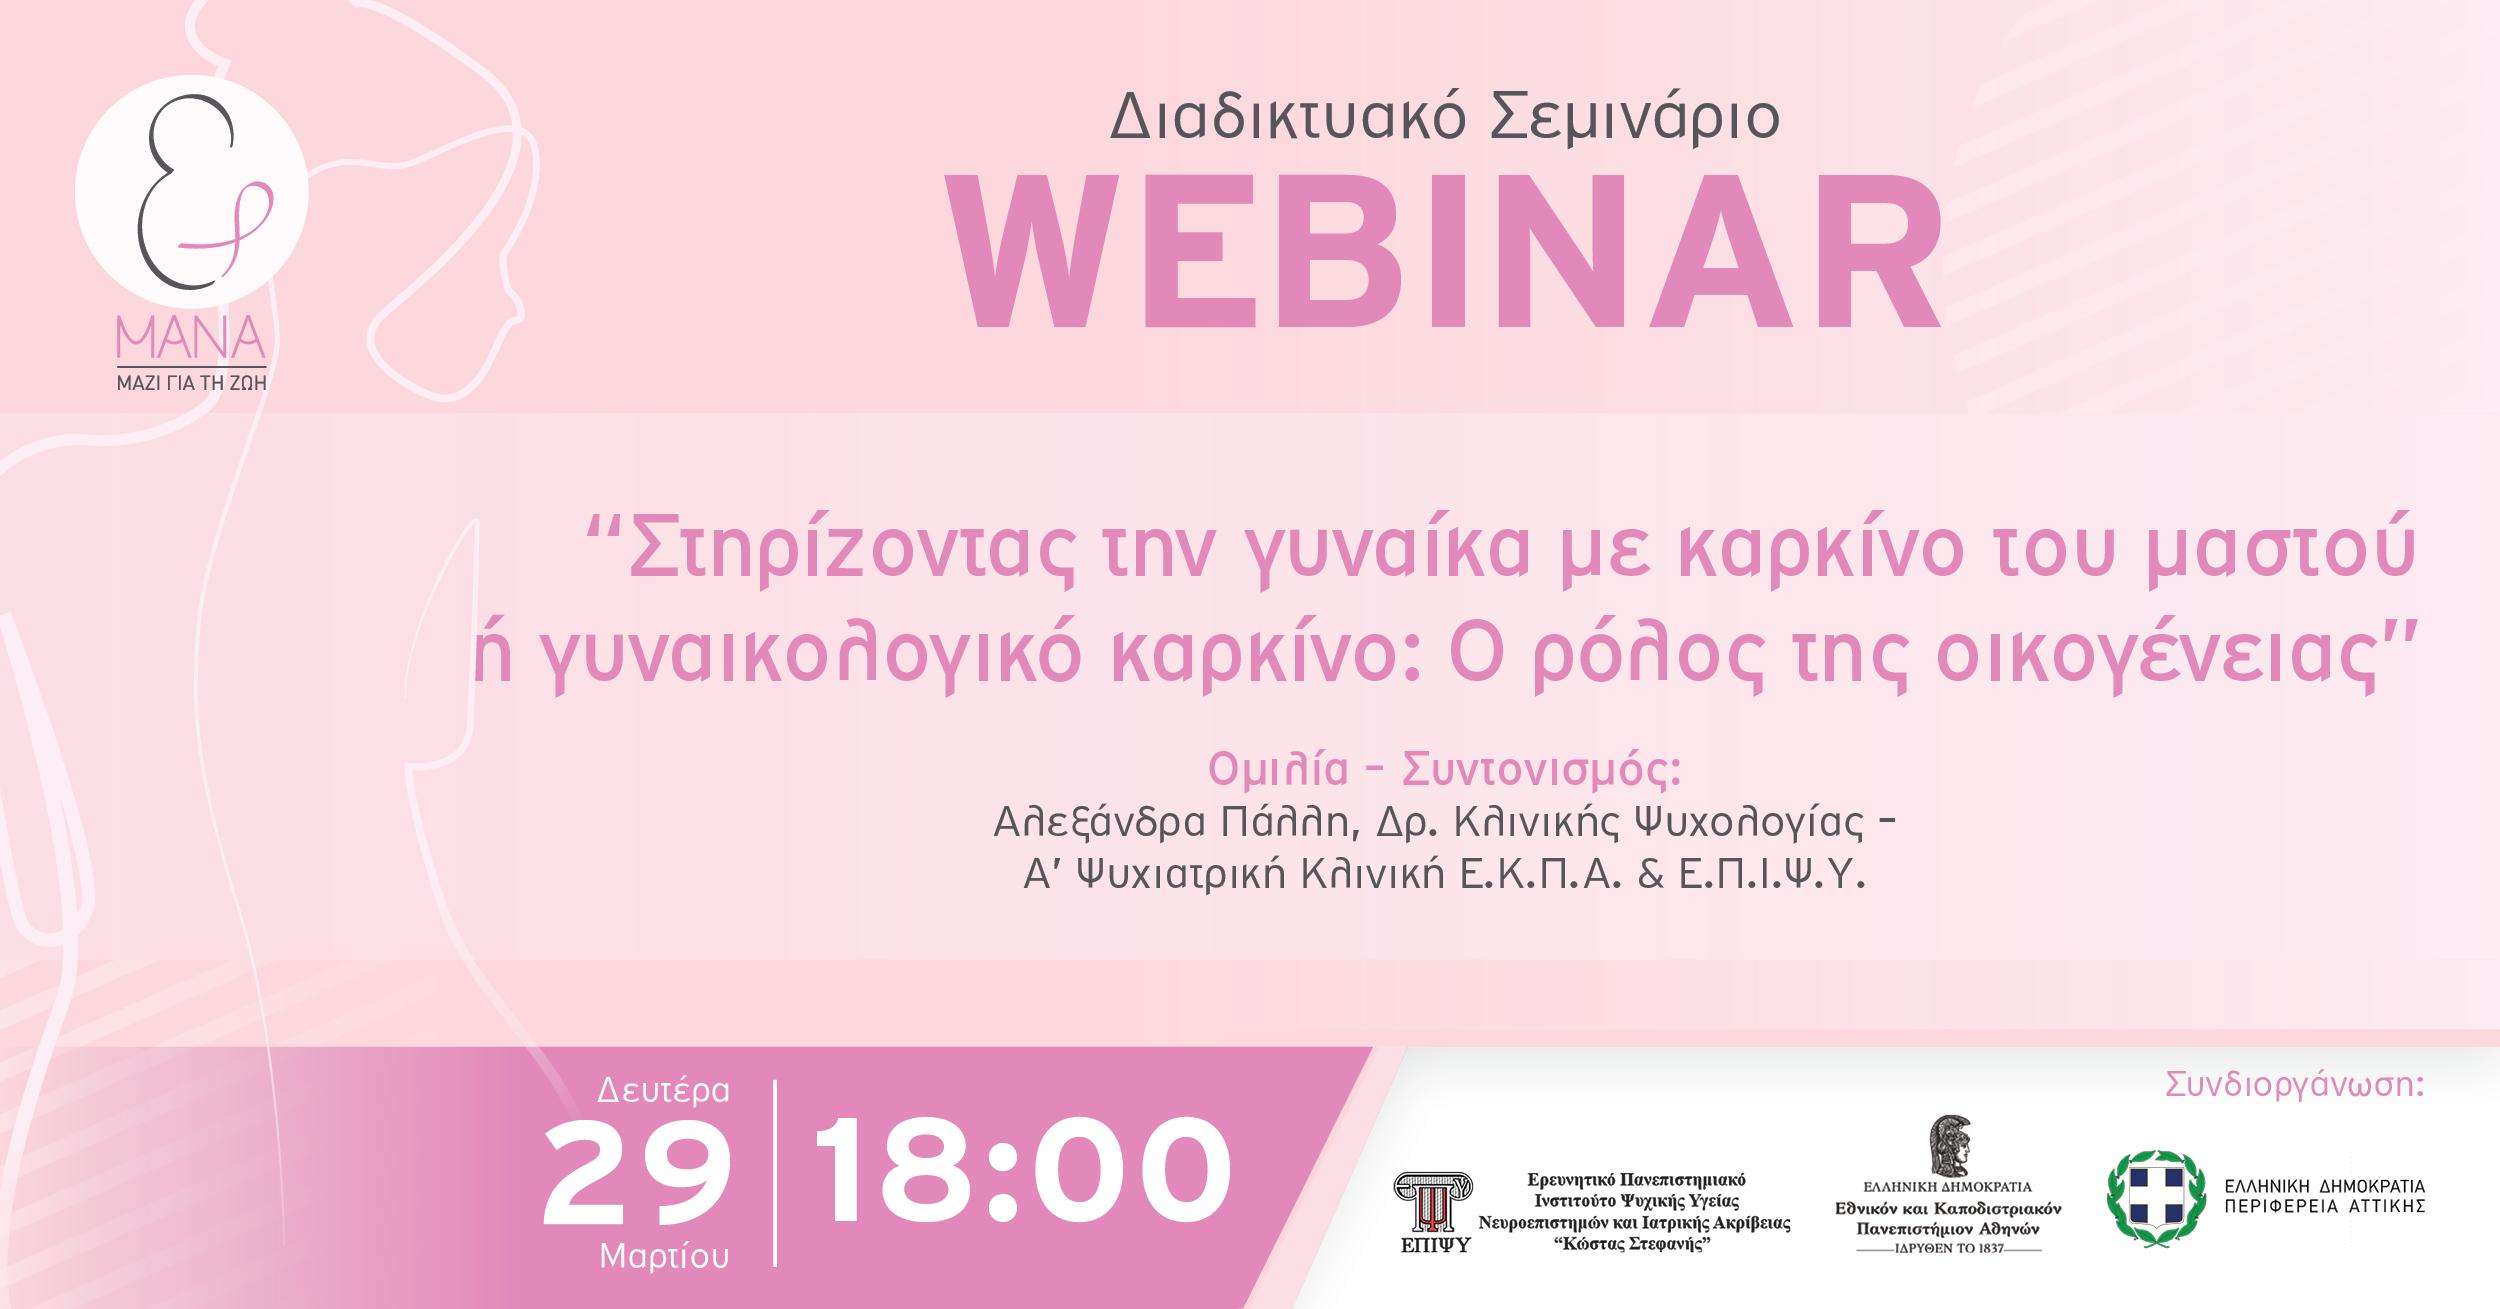 """""""Στηρίζοντας την γυναίκα με καρκίνο του μαστού ή γυναικολογικό καρκίνο: Ο ρόλος της οικογένειας"""""""